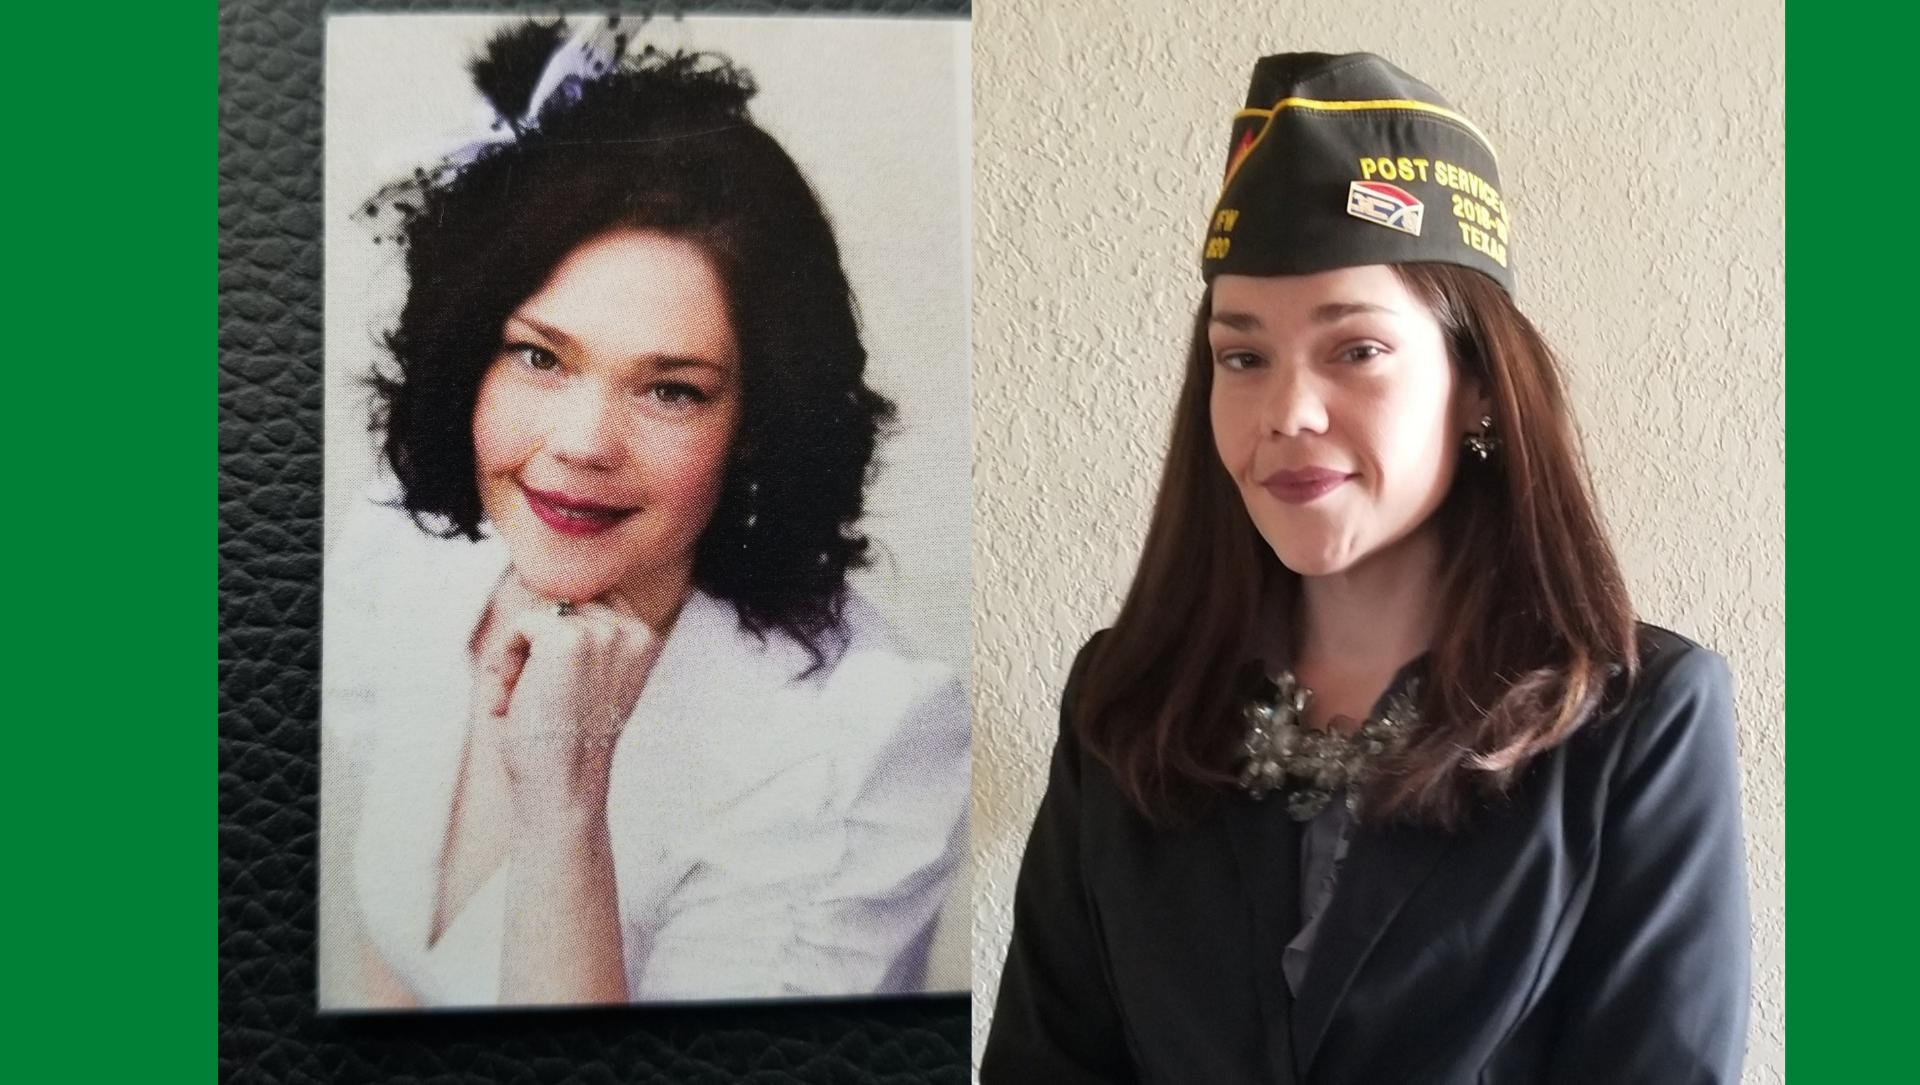 012- Army Veteran Sabrina Young